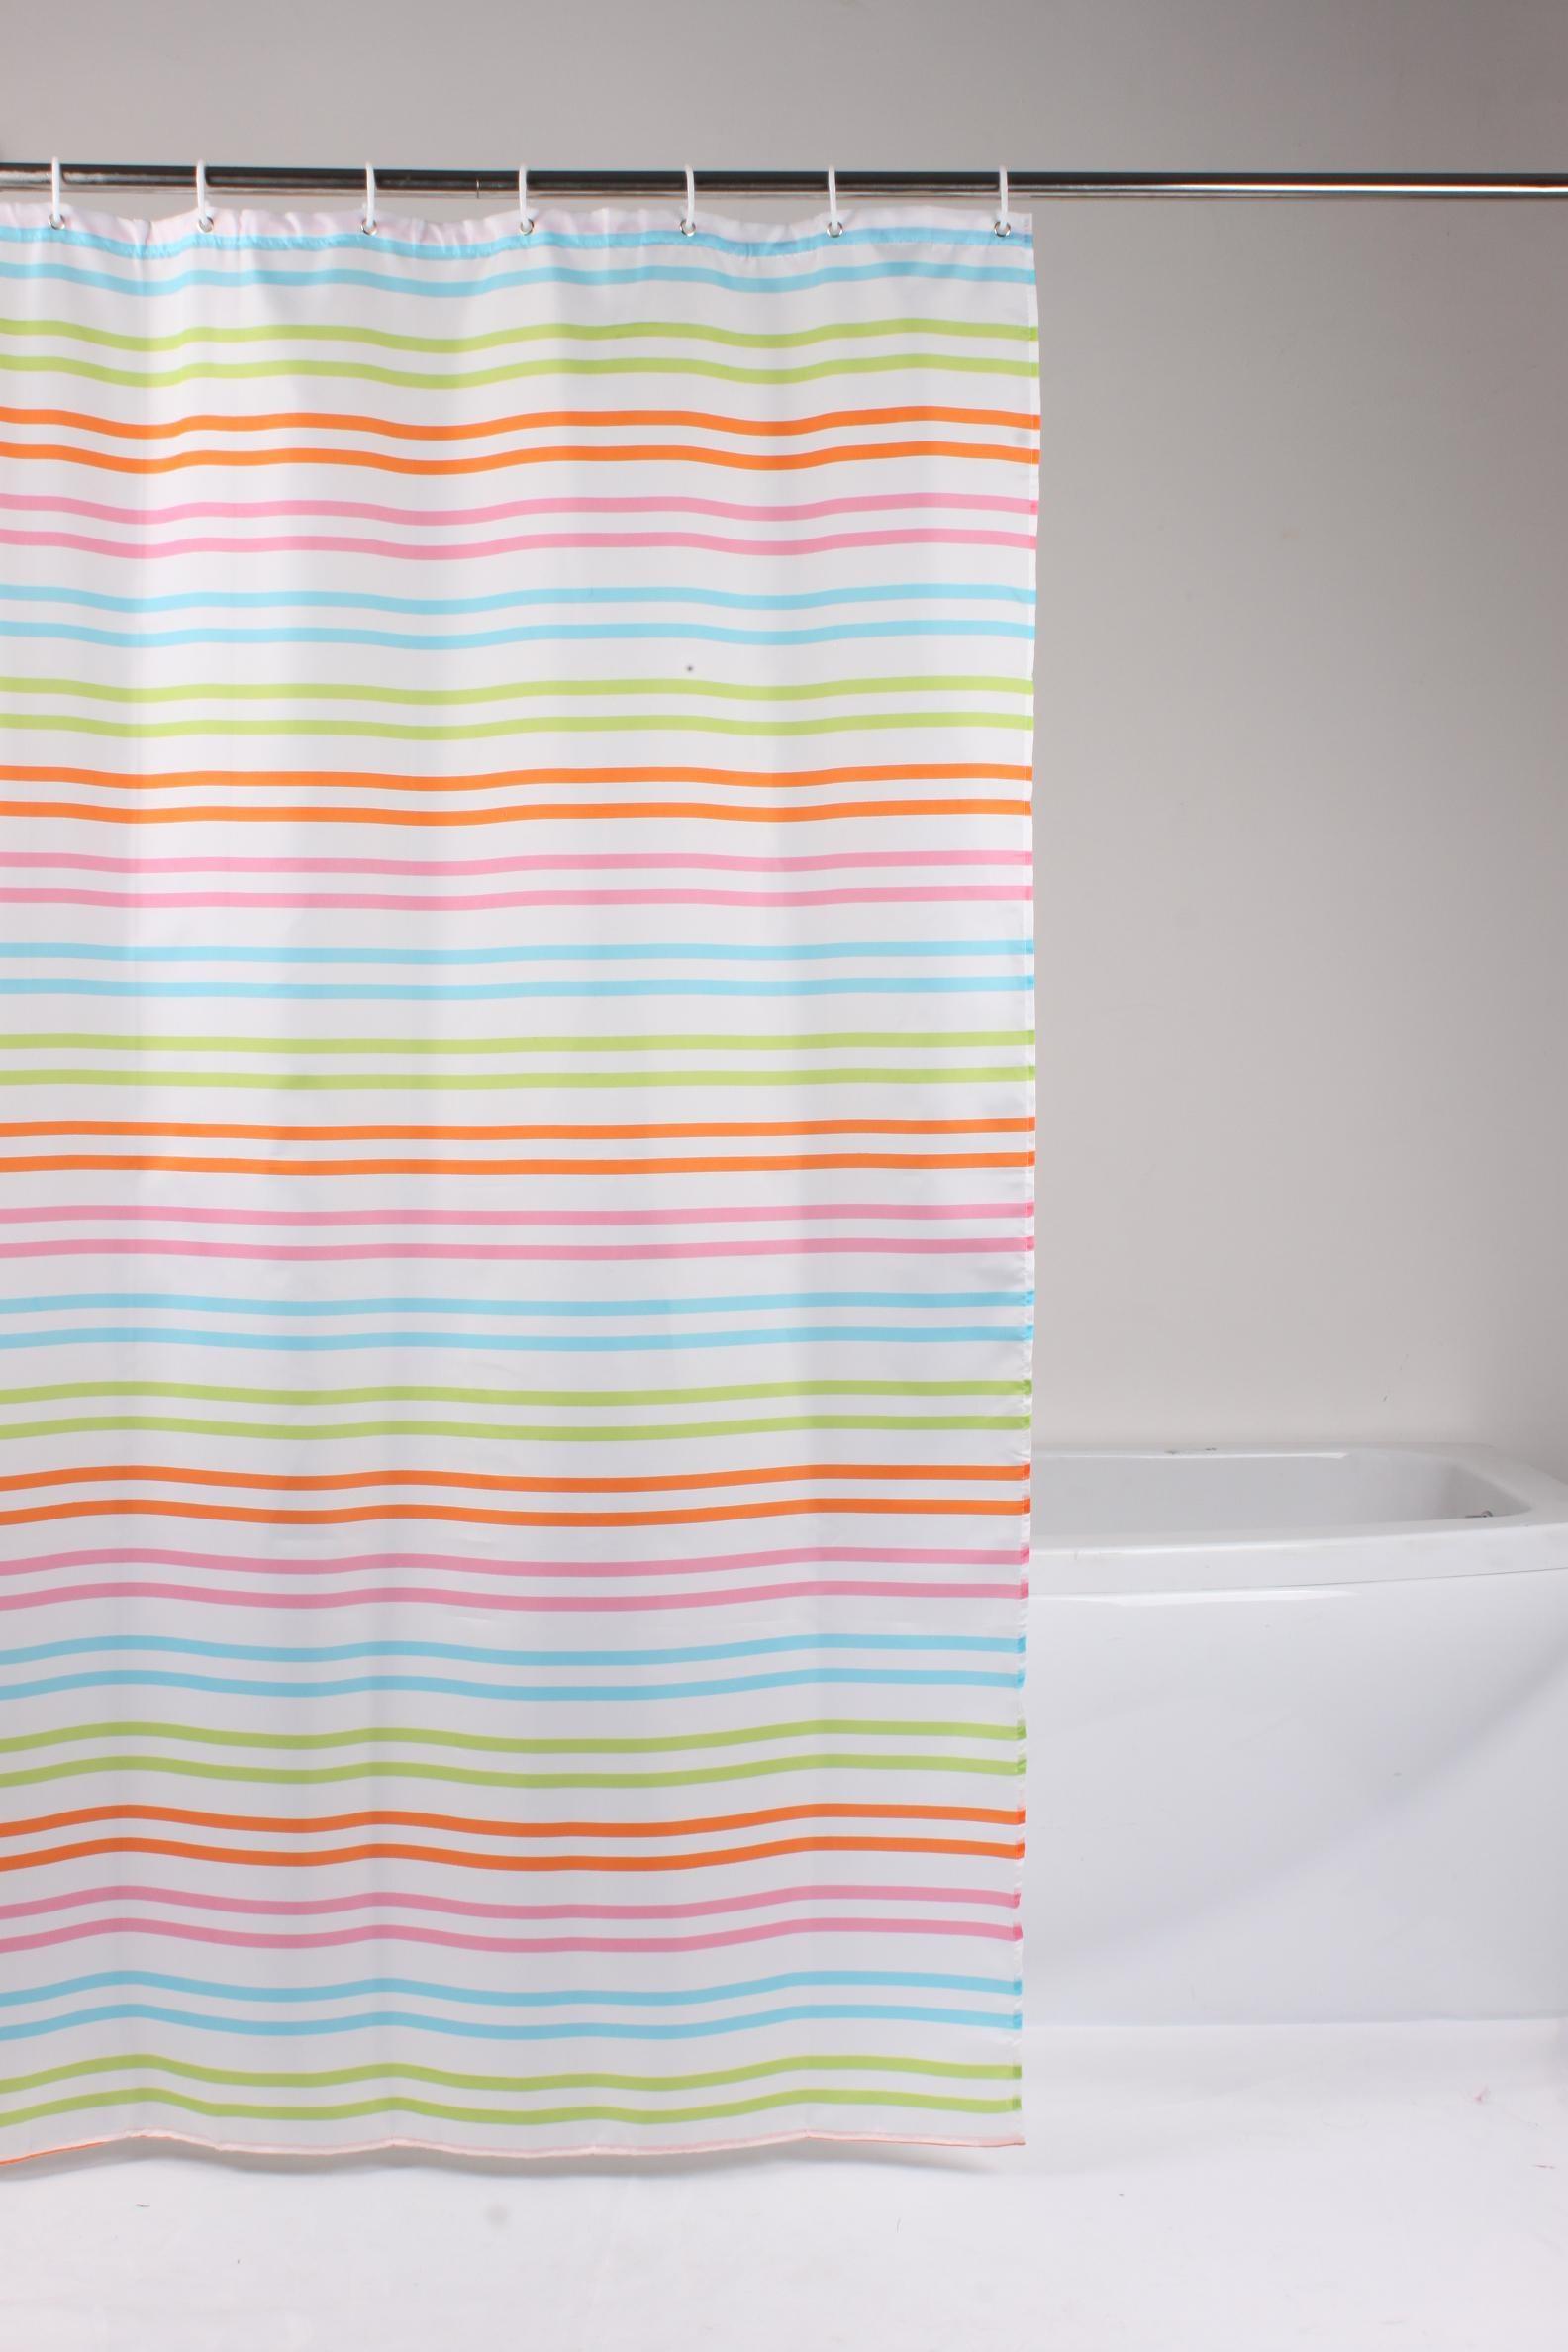 κουρτίνα μπάνιου υφασμάτινη 180x180cm home   ειδη μπανιου   κουρτίνες μπάνιου